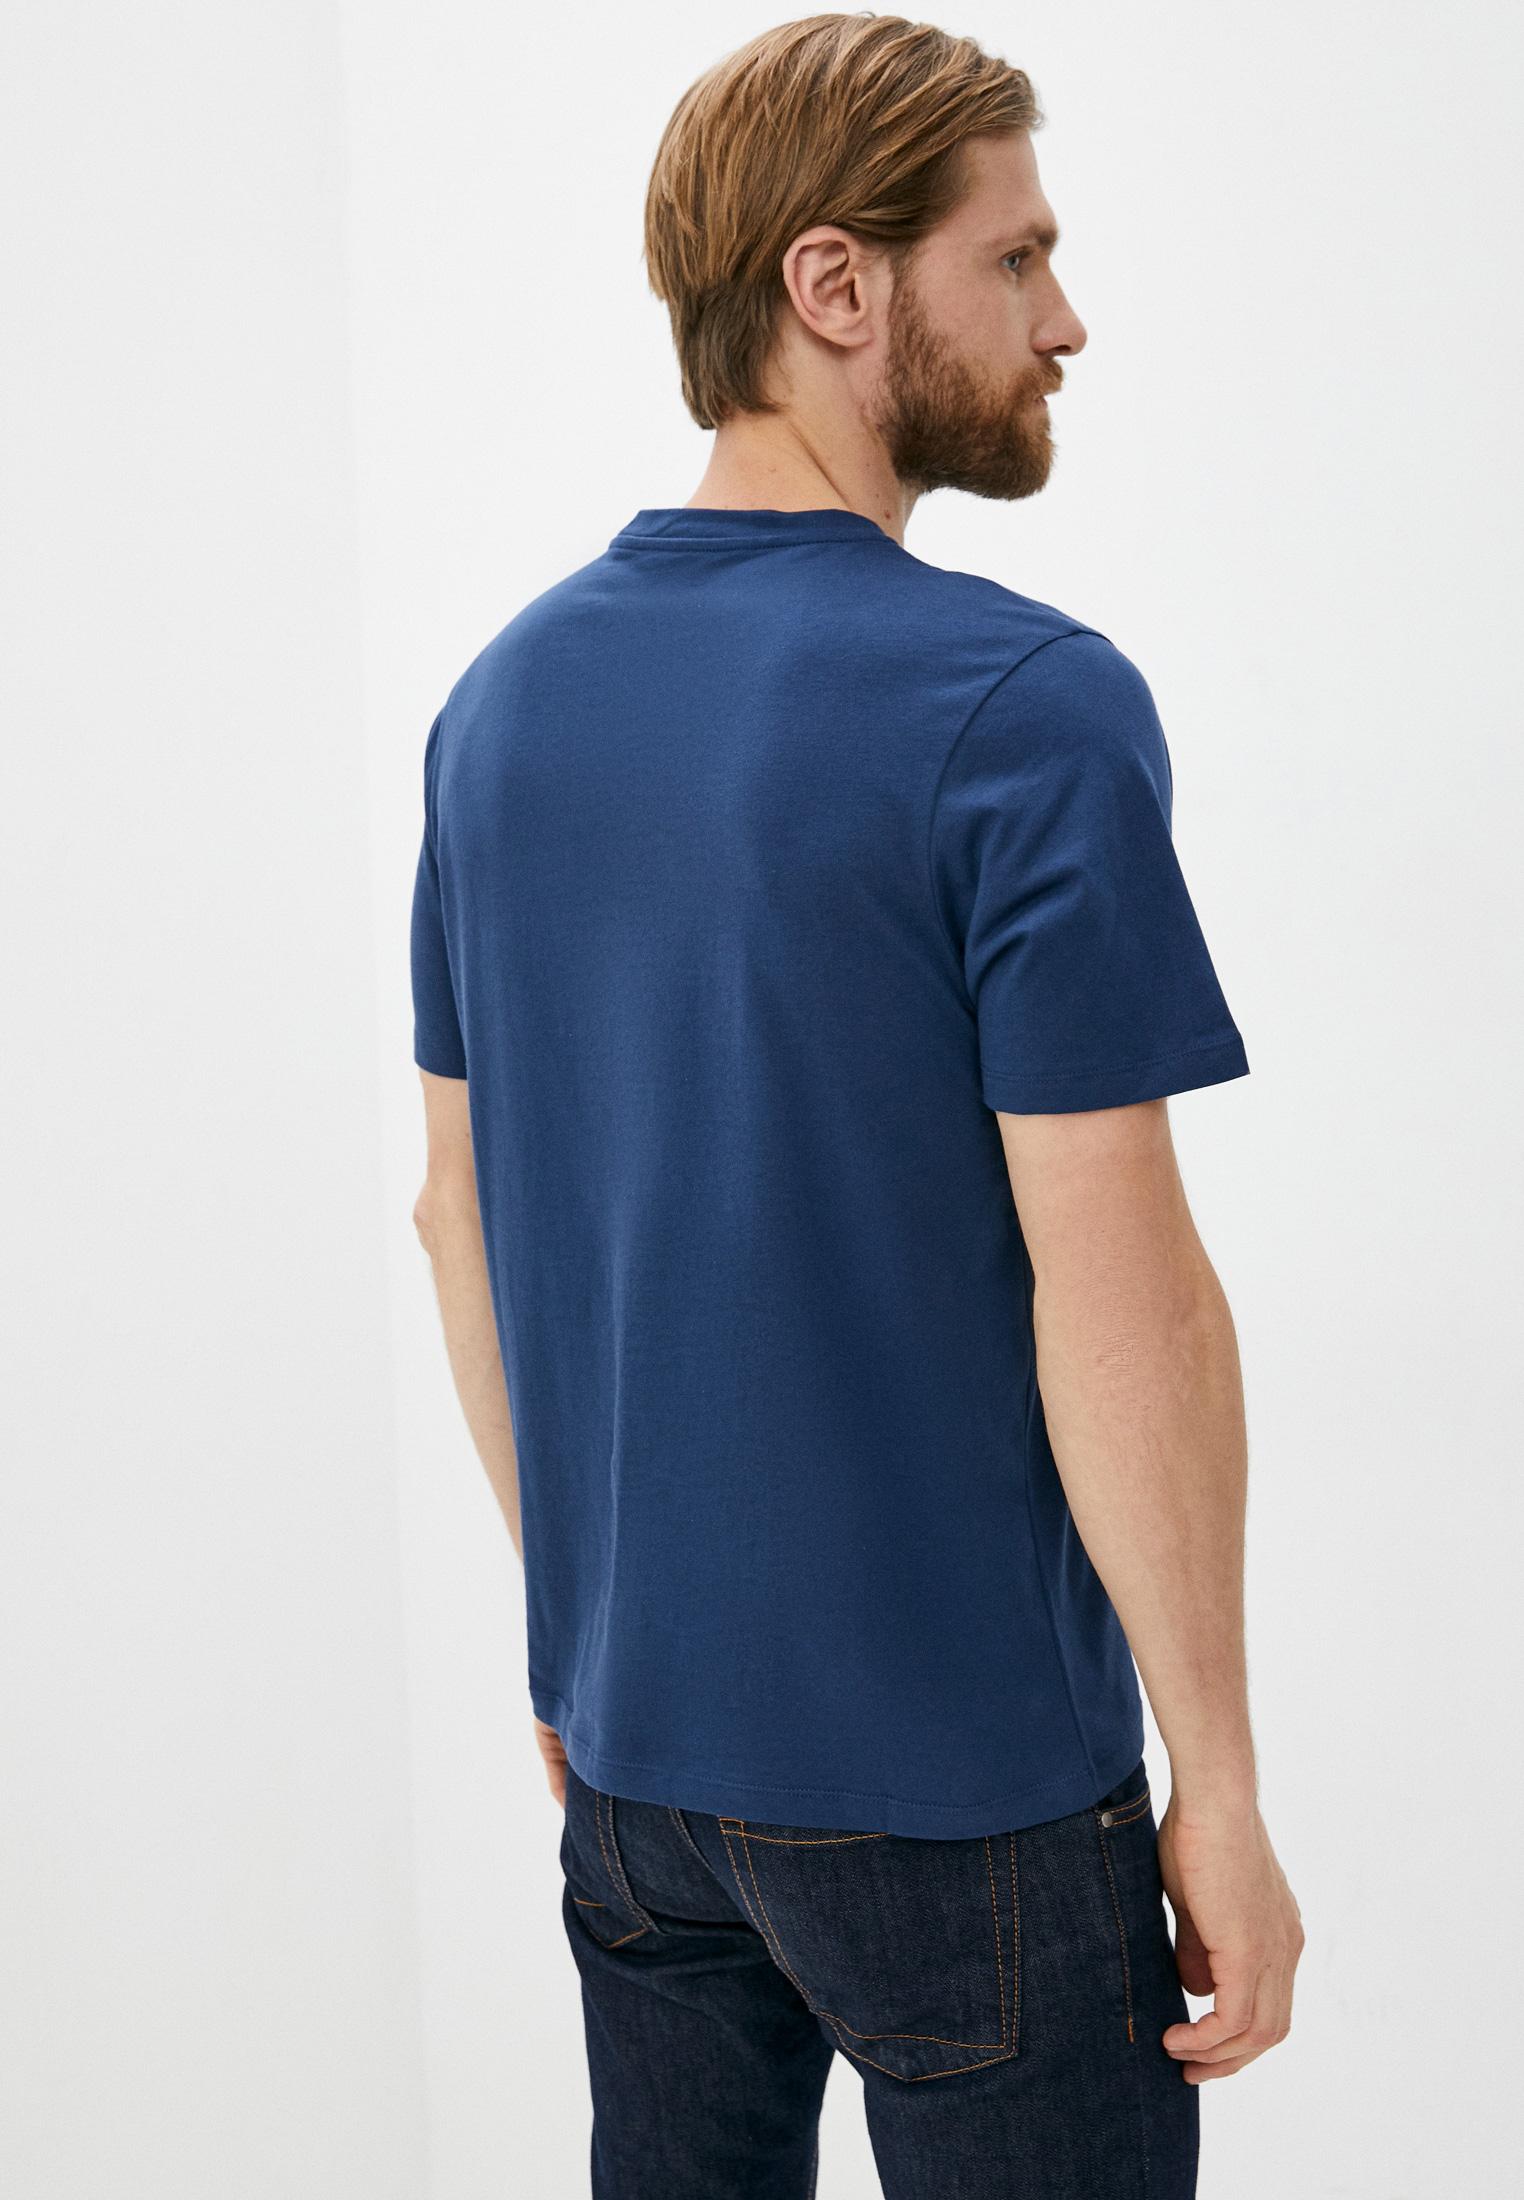 Мужская футболка Baldinini (Балдинини) TS17: изображение 4